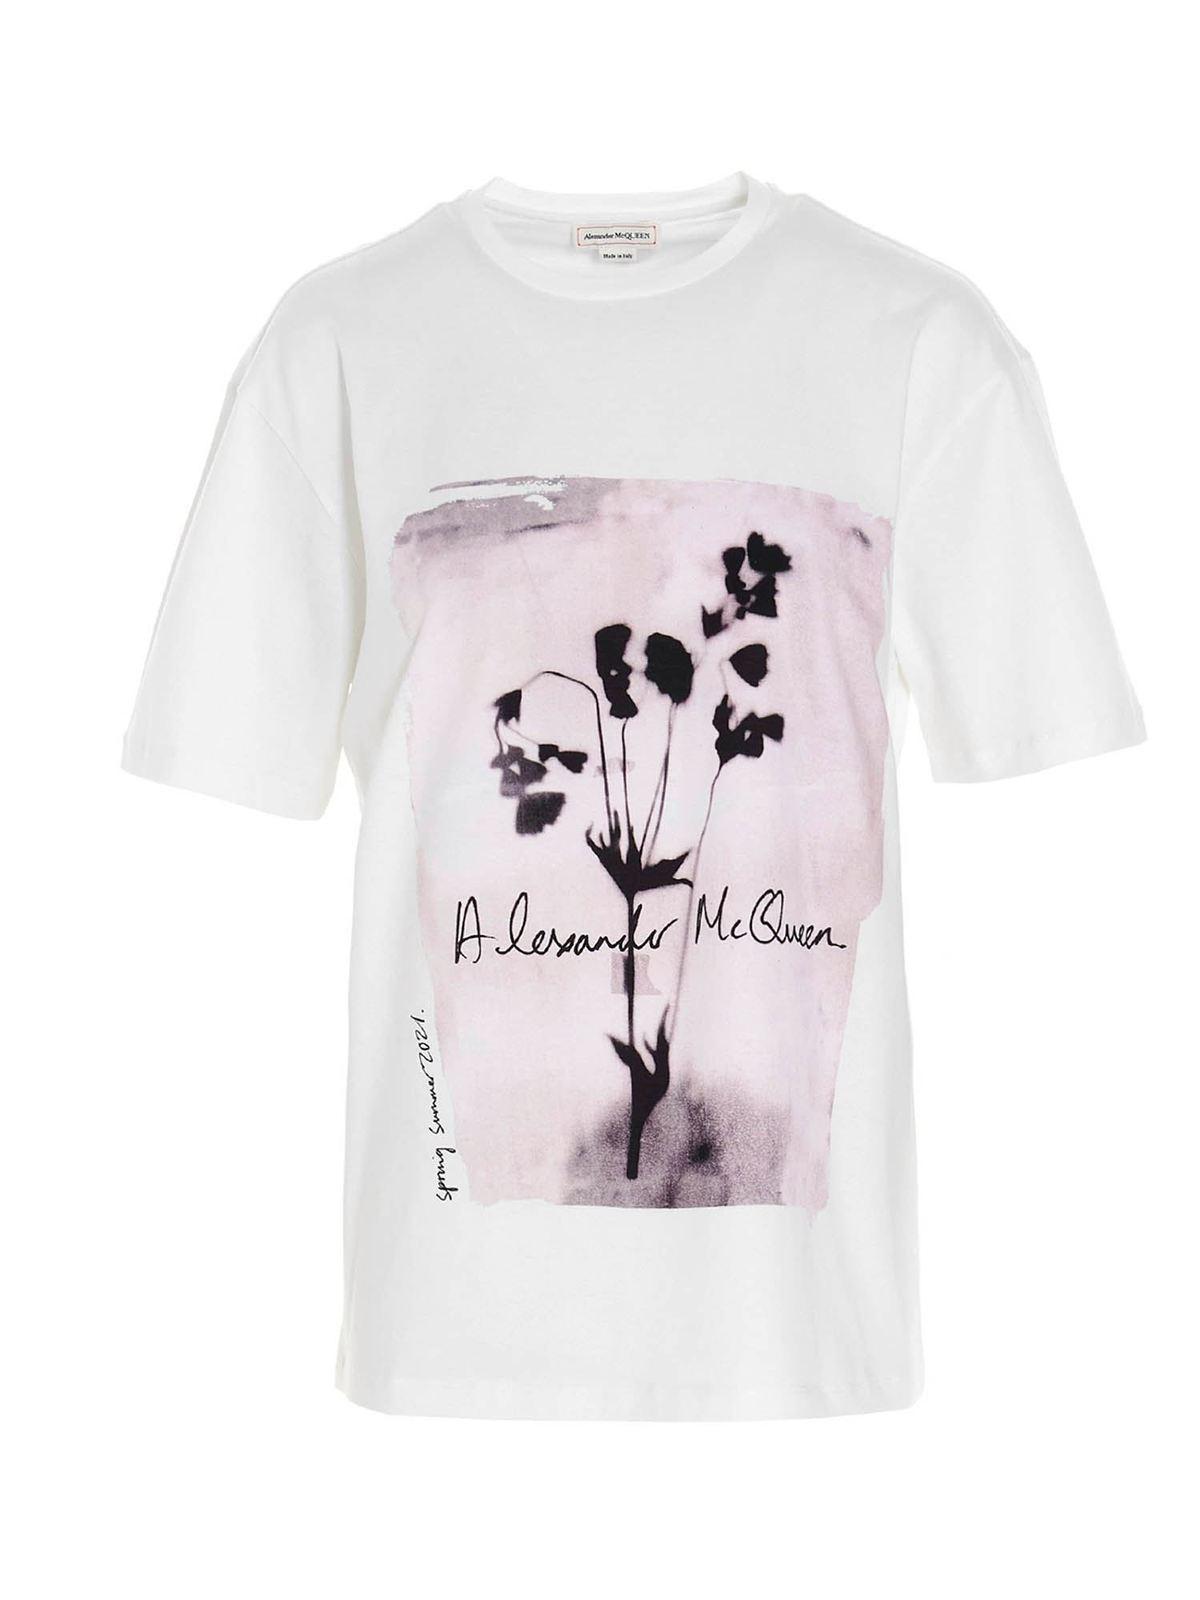 Alexander Mcqueen FLOWER SKULL T-SHIRT IN WHITE